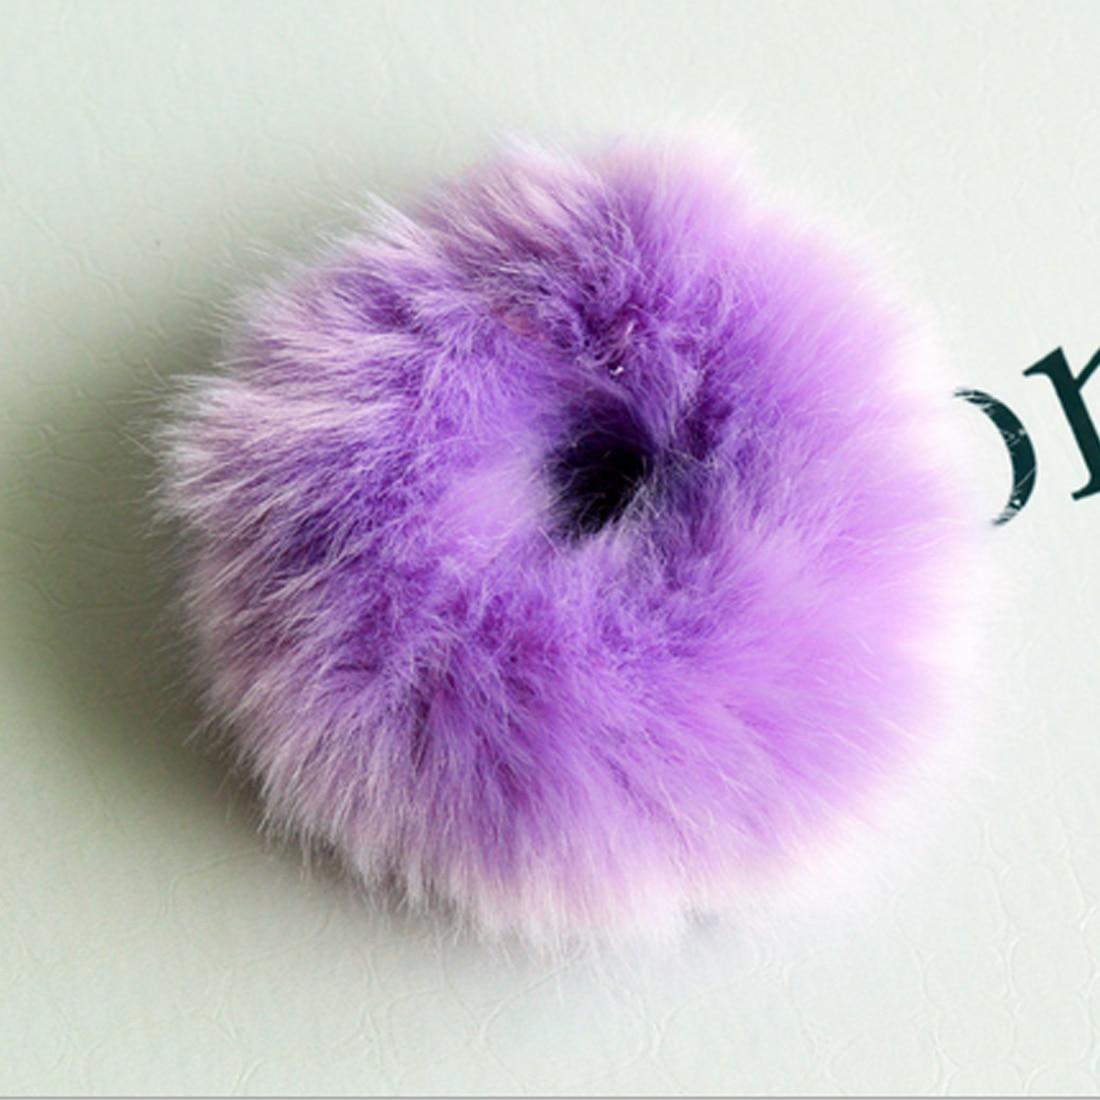 Новинка, настоящая меховая кроличья шерсть, мягкие эластичные резинки для волос для женщин и девочек, милые резинки для волос, резинка для хвоста, модные аксессуары для волос - Цвет: Фиолетовый